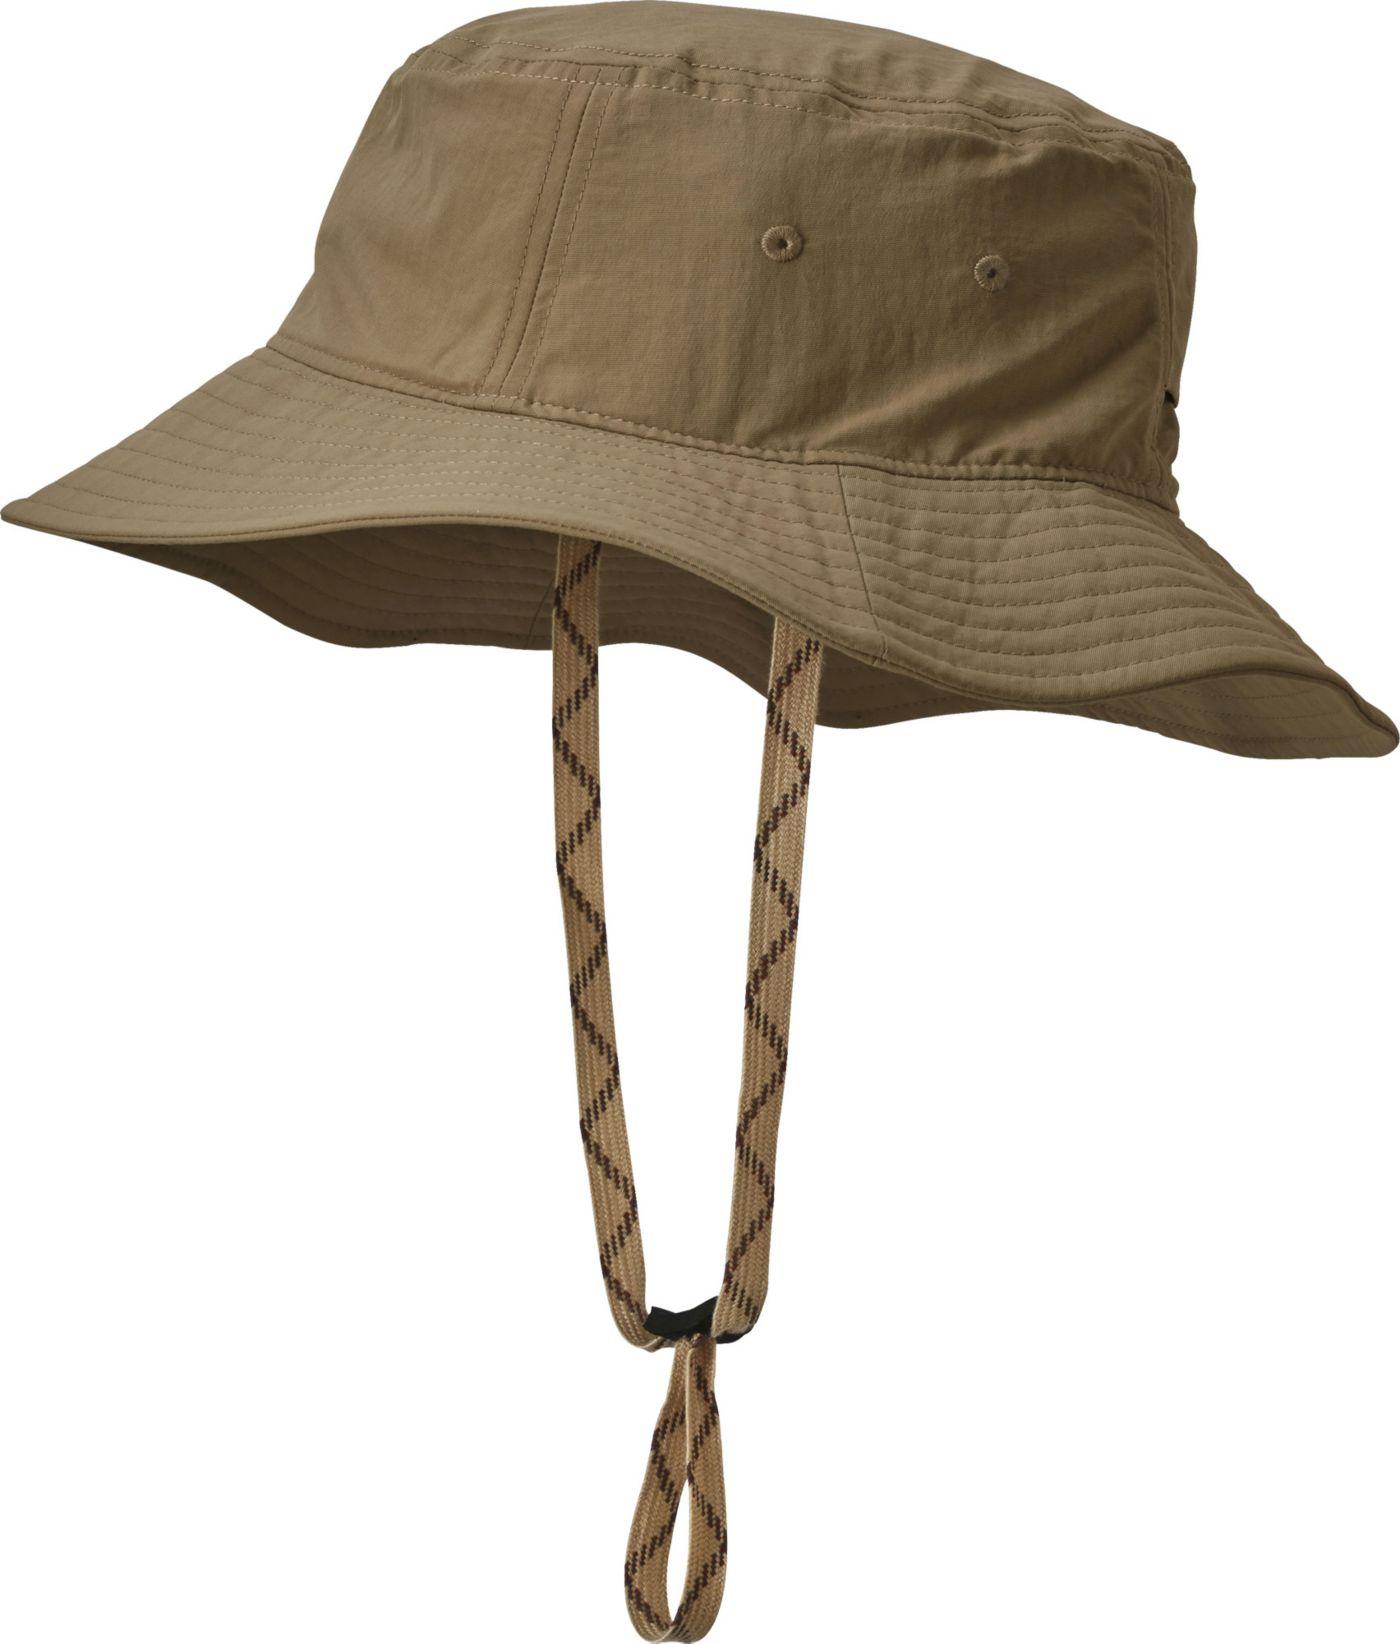 Patagonia Men's Mickledore Hat